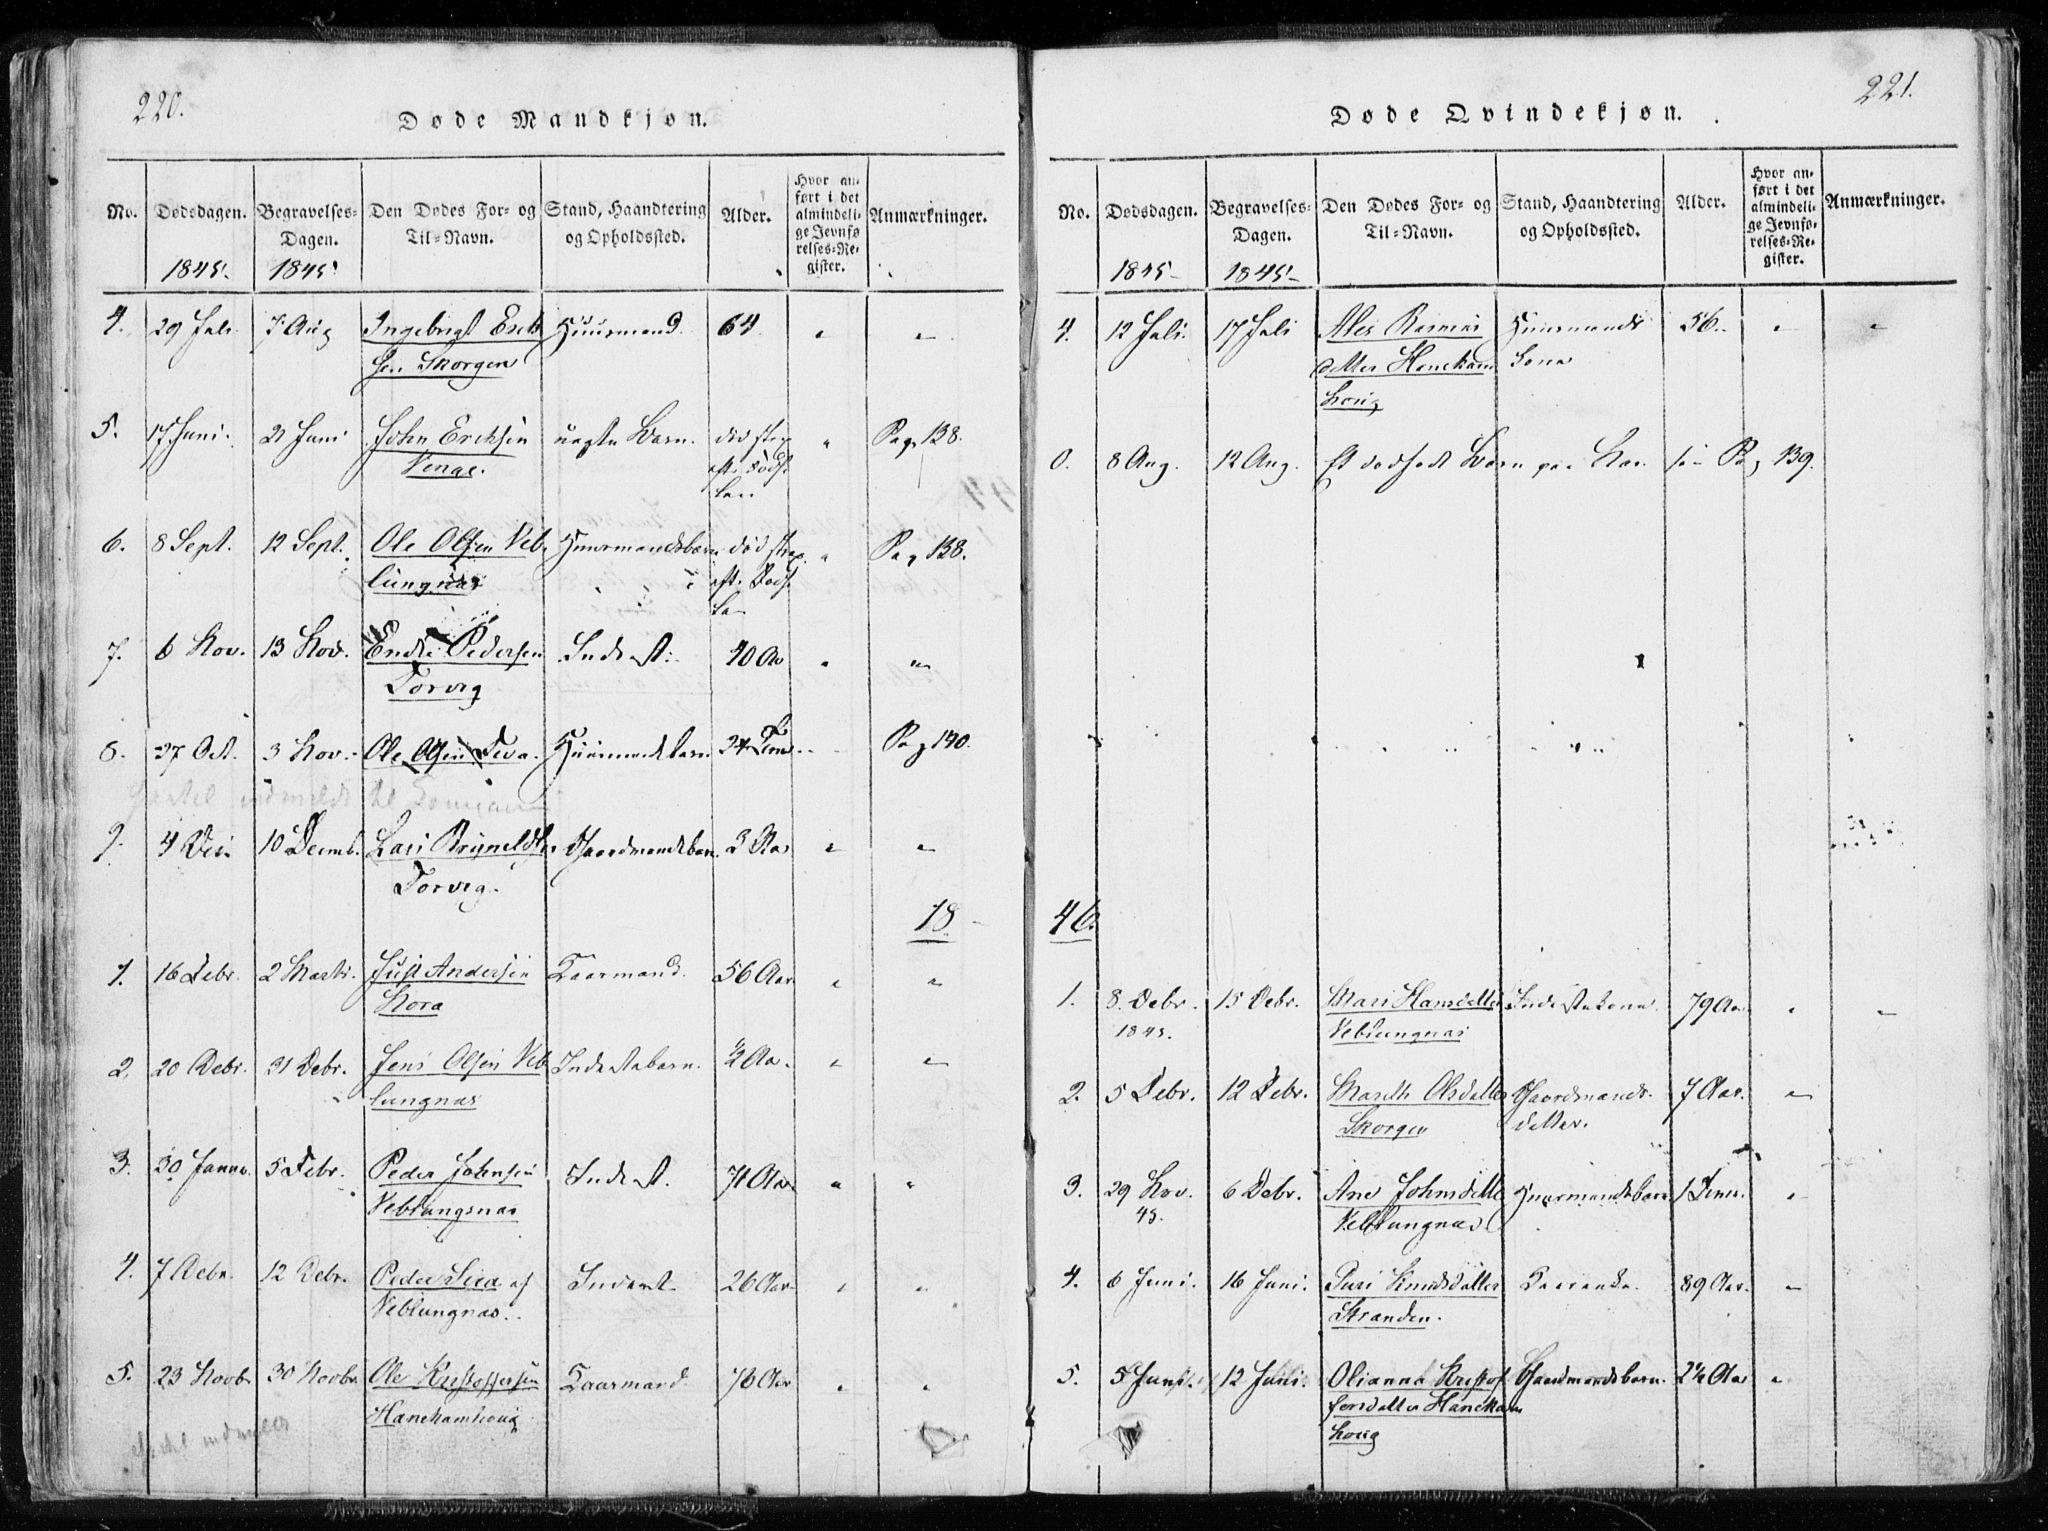 SAT, Ministerialprotokoller, klokkerbøker og fødselsregistre - Møre og Romsdal, 544/L0571: Ministerialbok nr. 544A04, 1818-1853, s. 220-221